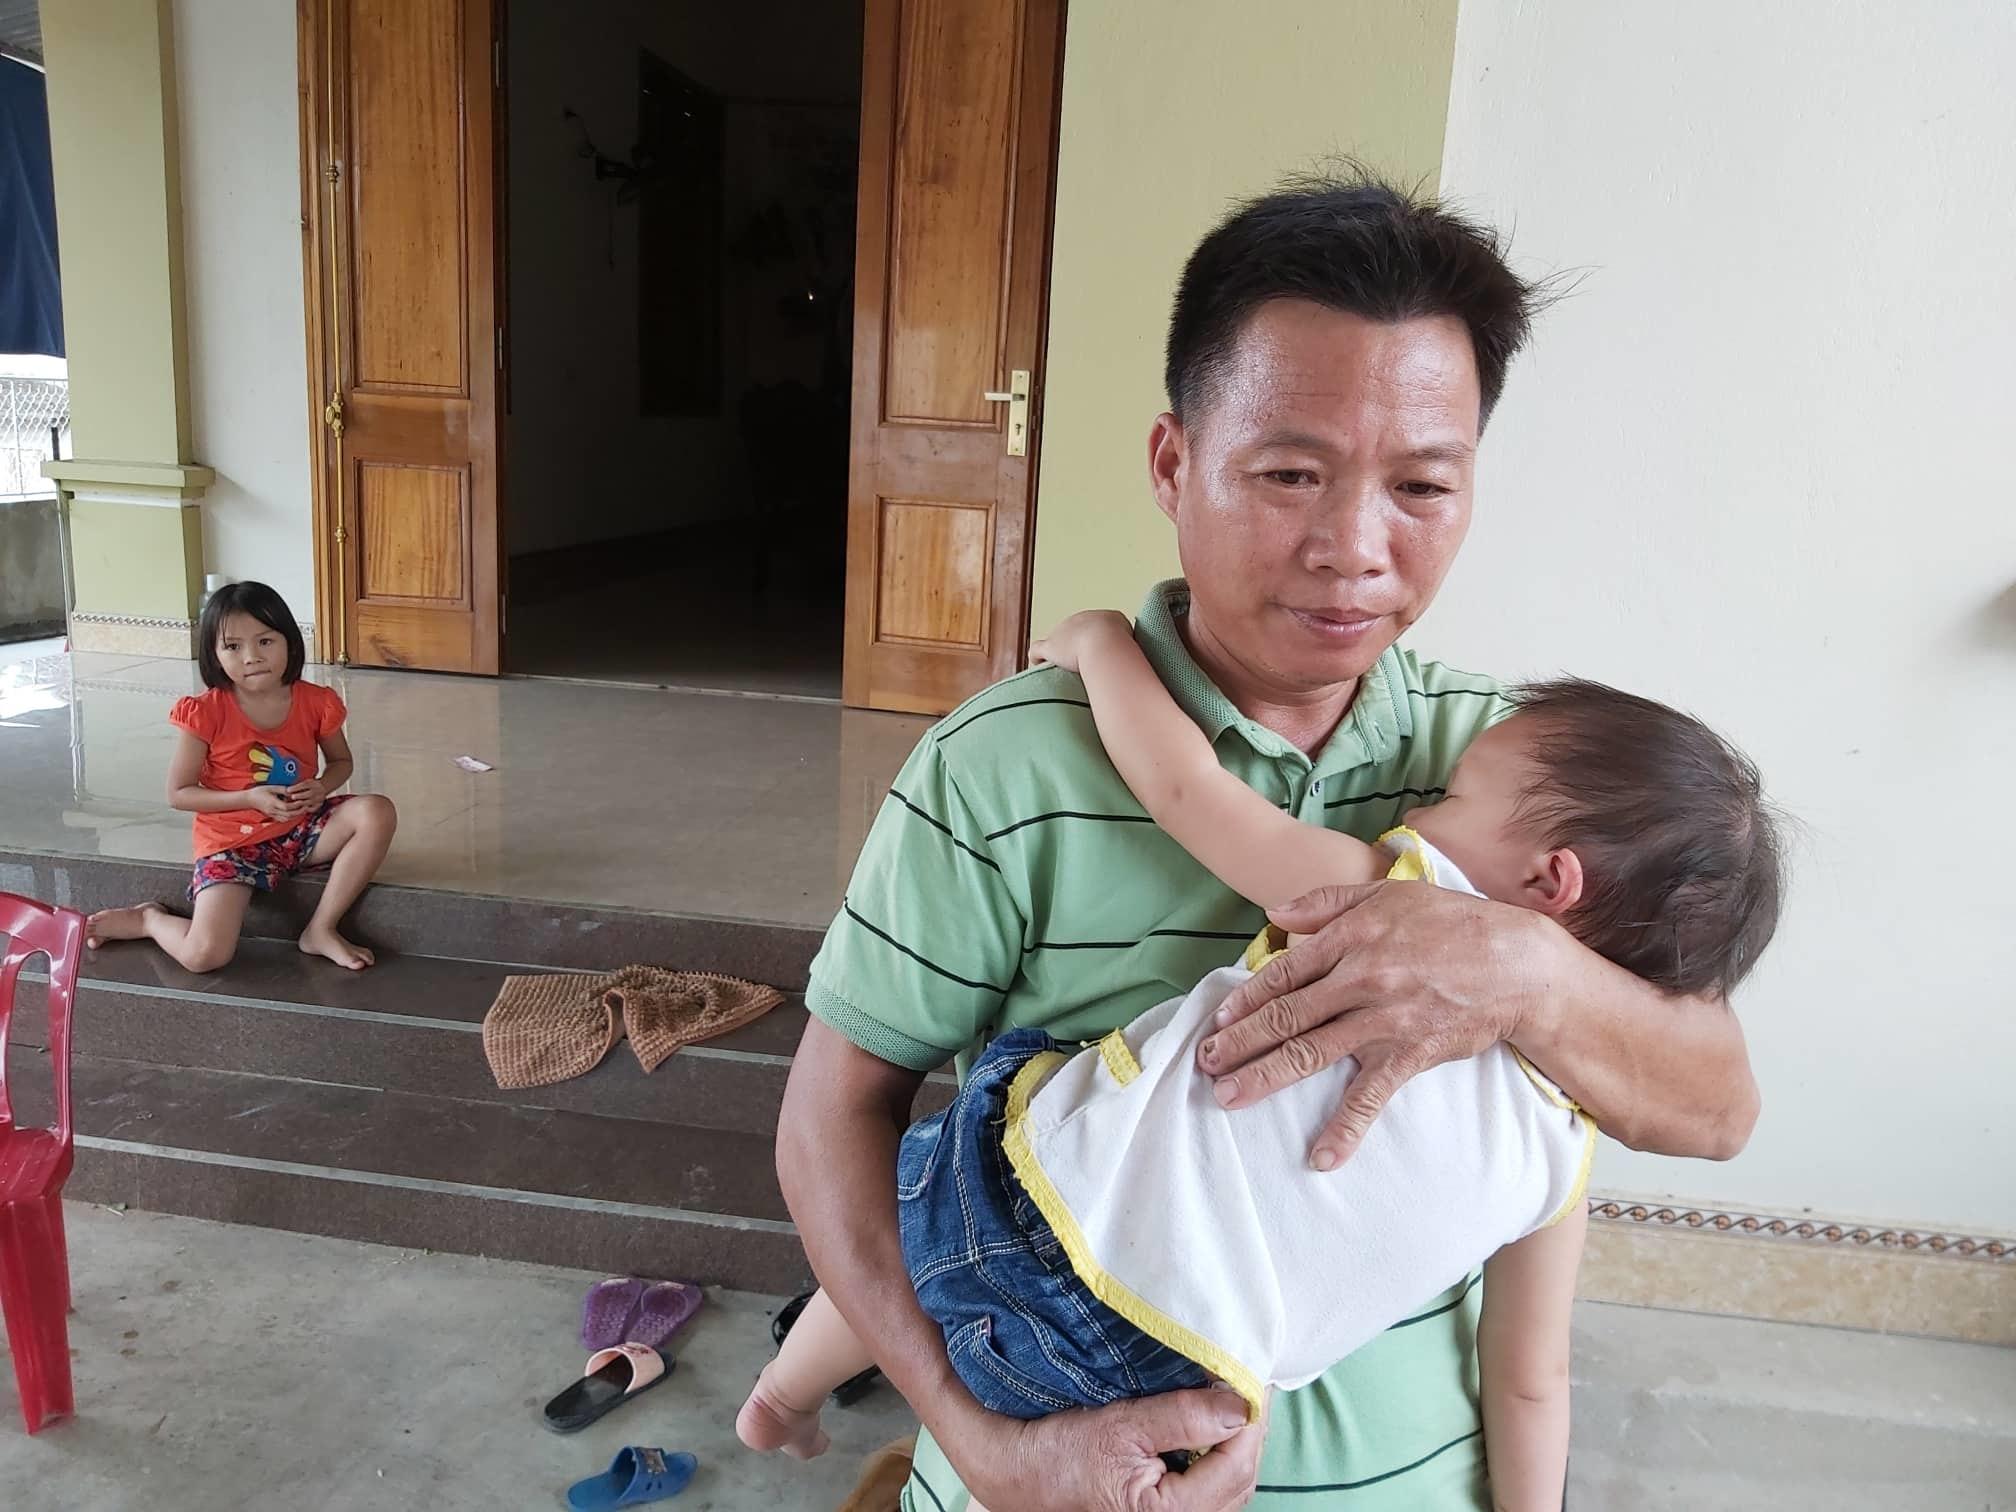 Anh Chiến đang tạm để vợ ở bệnh viện một mình, về nhà lo lắng cho mấy đứa con